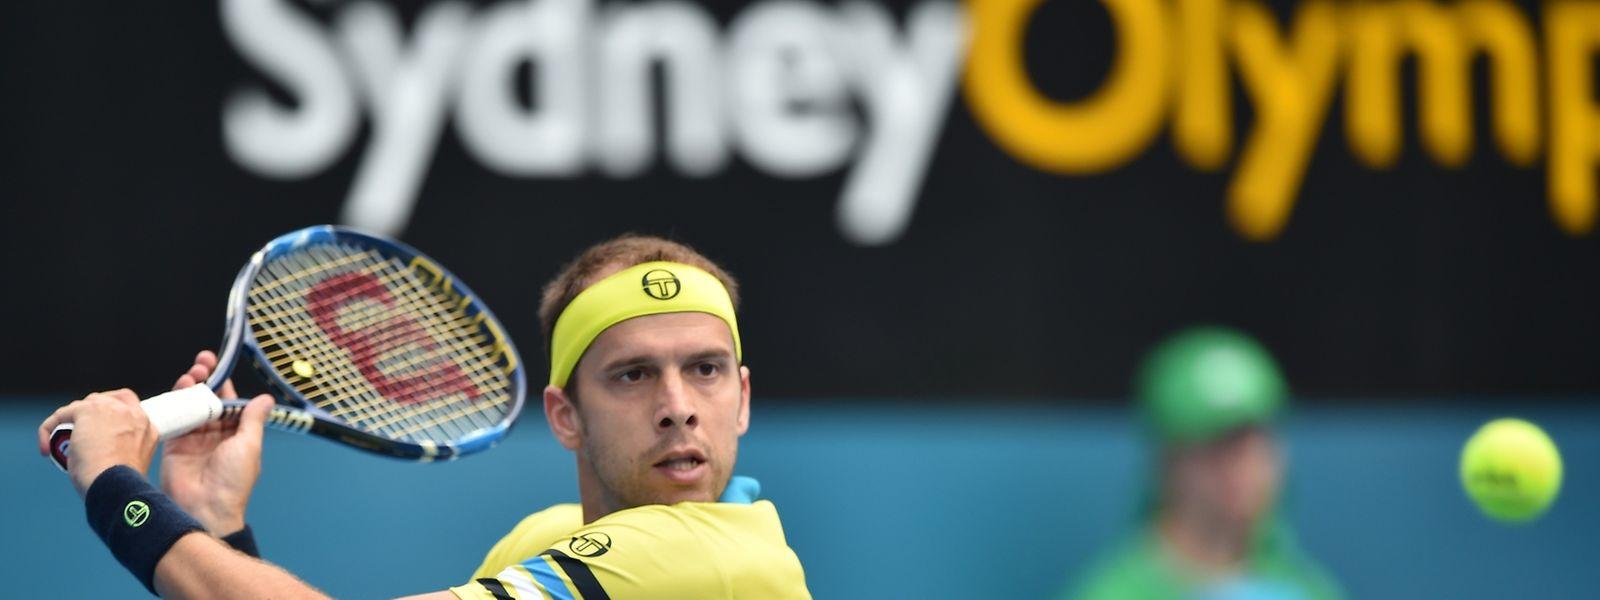 Gilles Muller möchte in diesem Jahr seinen ersten ATP-Turniersieg feiern.